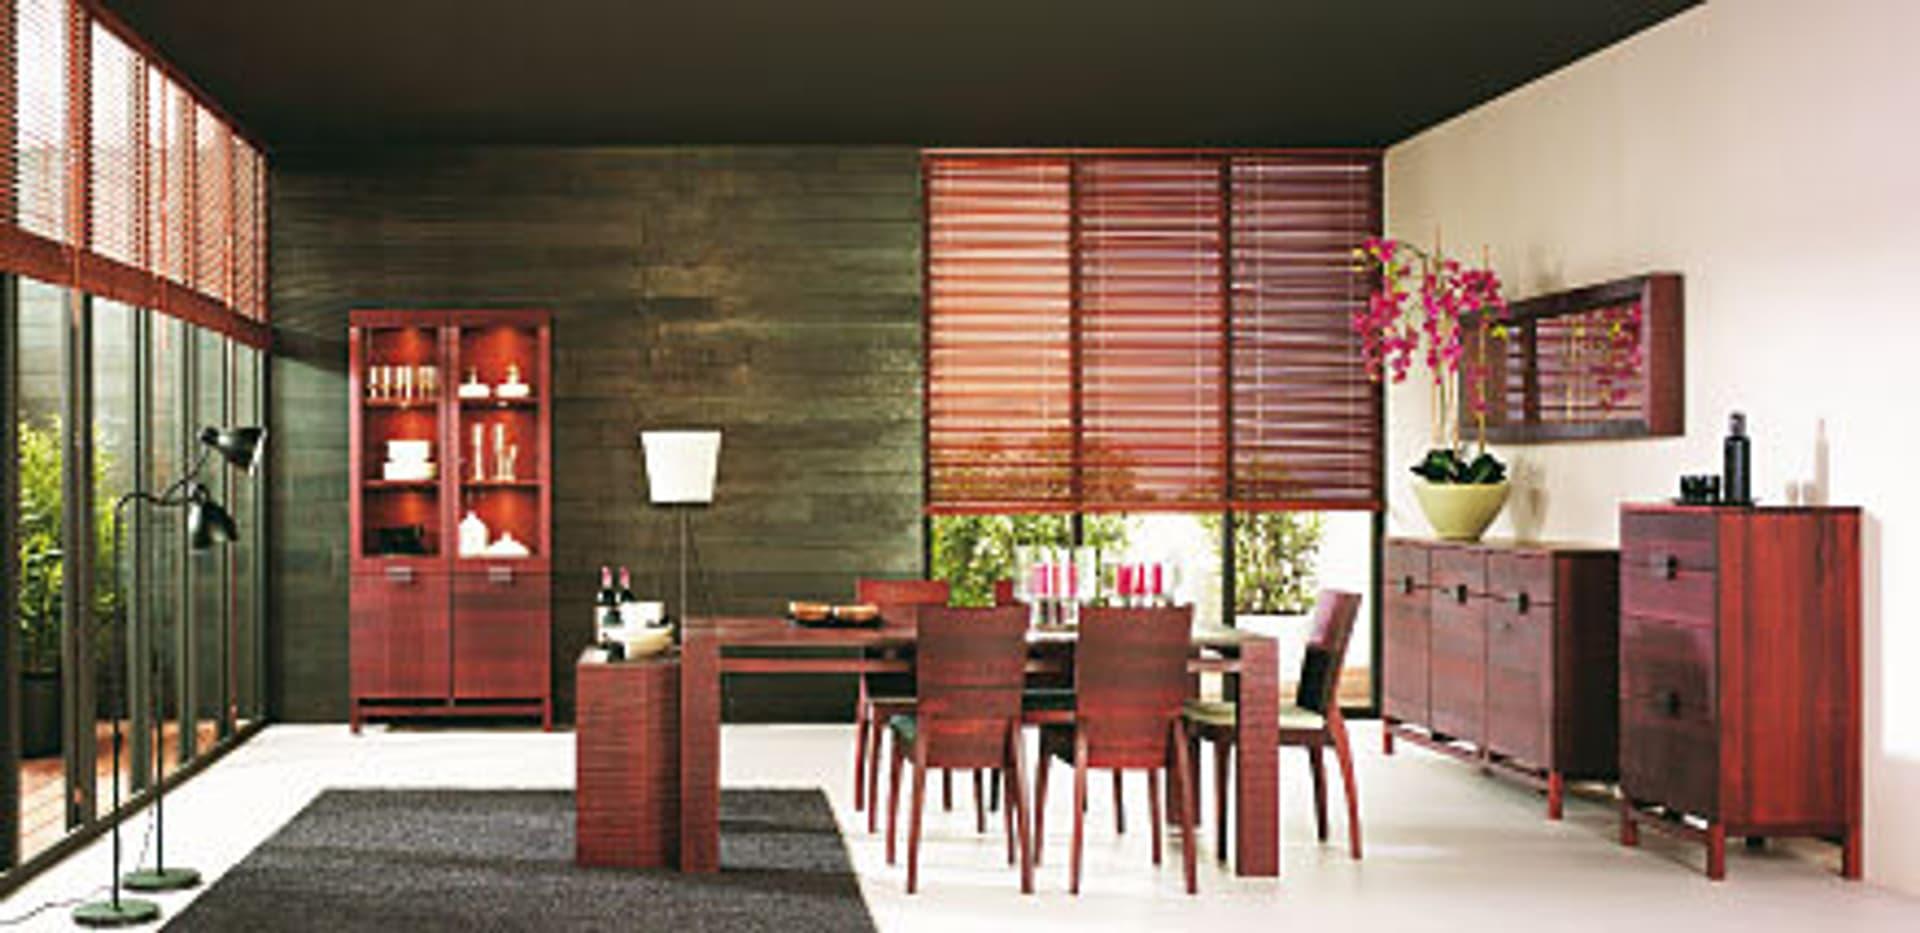 Ein eleganter Raum voller Möbel in rötlichem Holz